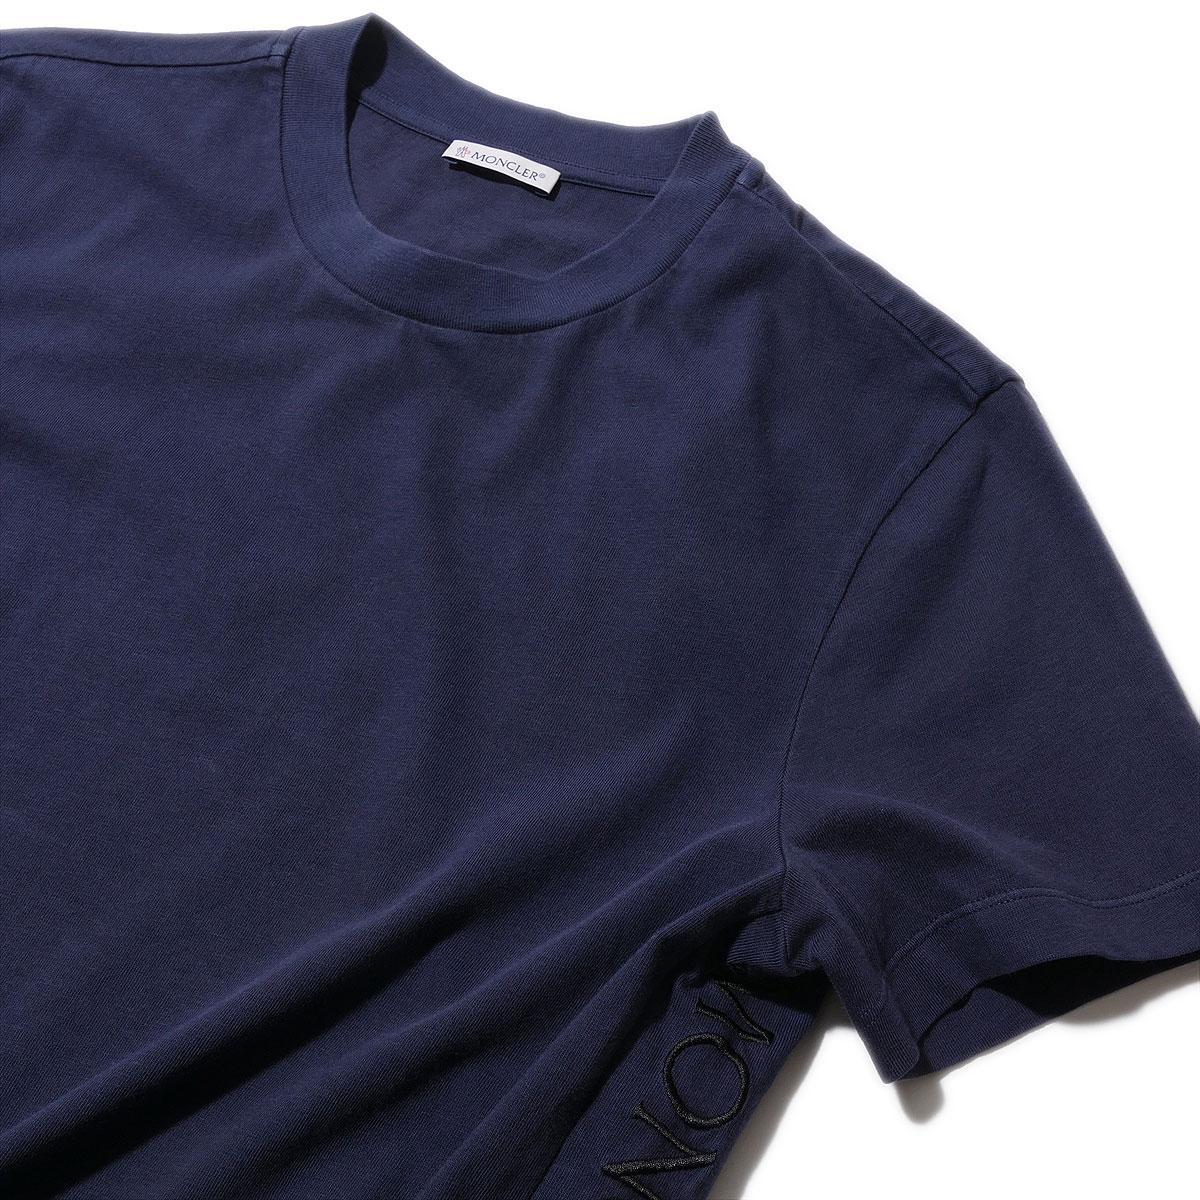 送料無料 モンクレール メンズ Tシャツ 驚きの価格が実現 正規品送料無料 刺繍ロゴTシャツ8C72010 778ネイビー製品染め ギフト おしゃれ ブランド トップス 半袖 MONCLER